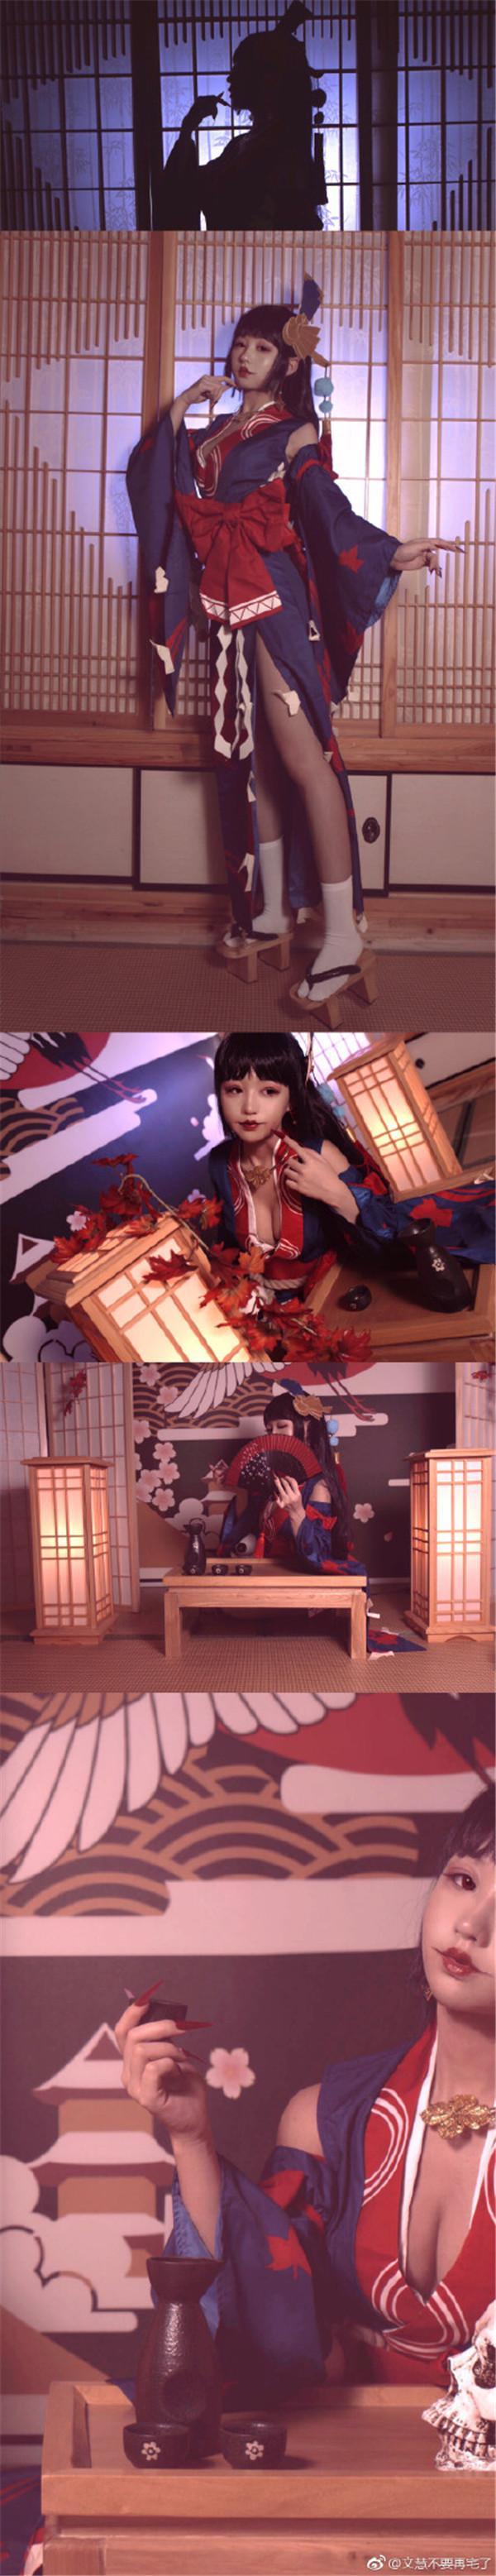 春宵一刻值千金 阴阳师鬼女红叶cosplay